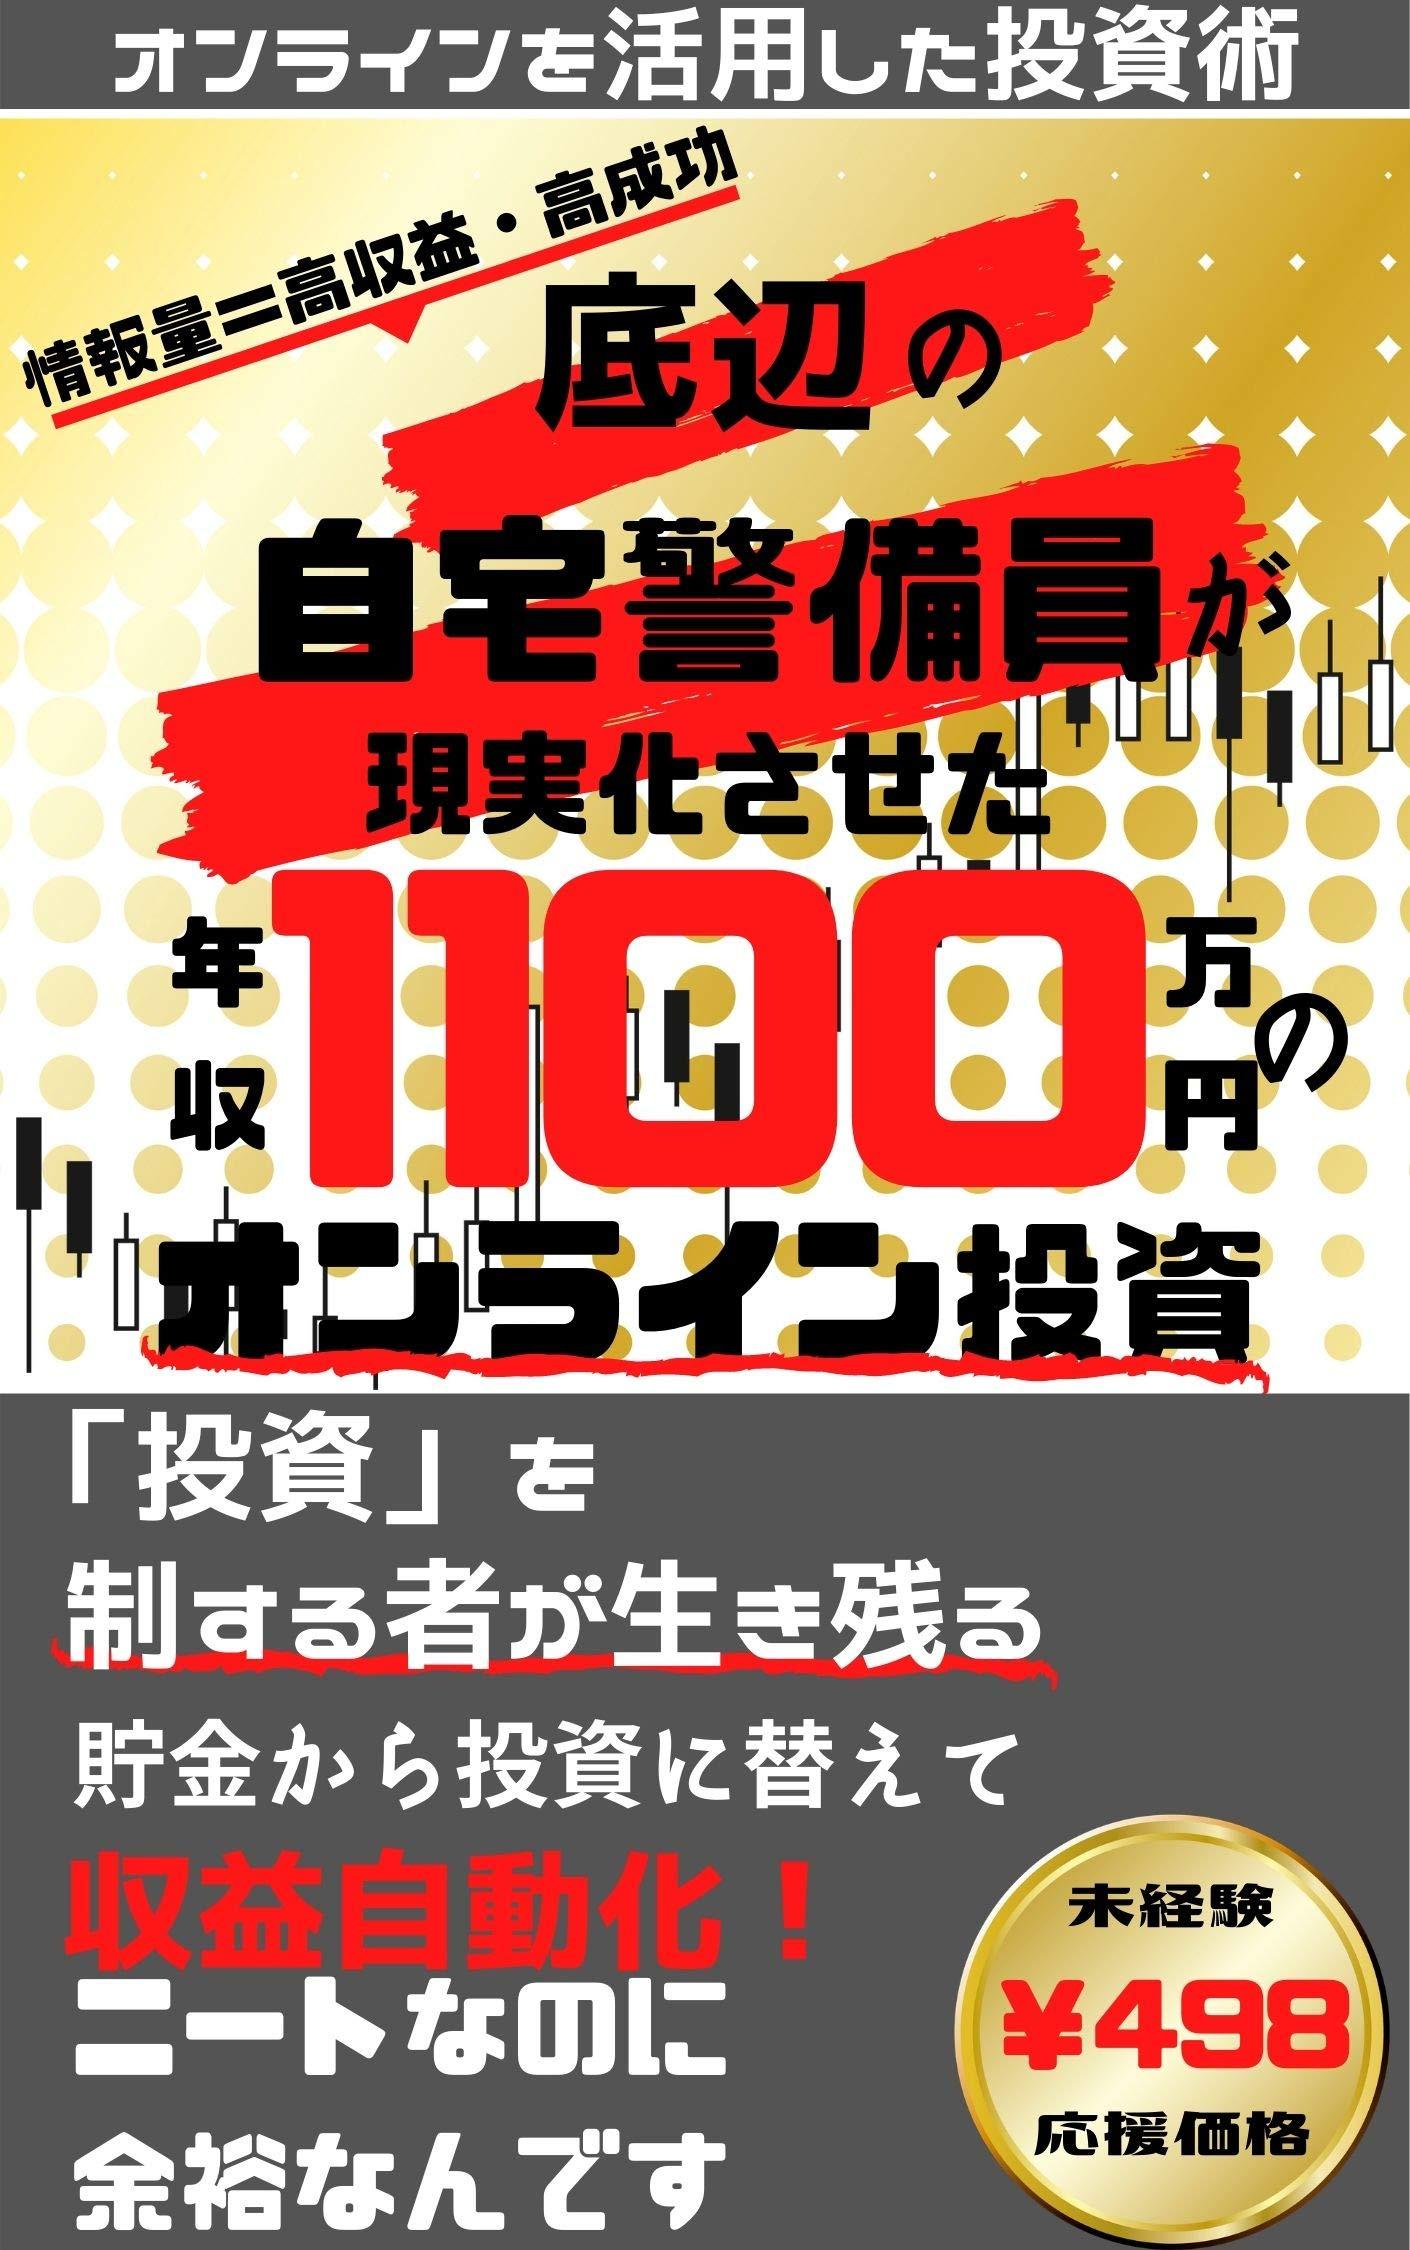 Teihen no Jitaku Keibi Ingajitsugen Sasetanen Shuissen Hyakuman Enno Online Toushi: Joho Ryokou Shuuekikou Seikou (Japanese Edition)